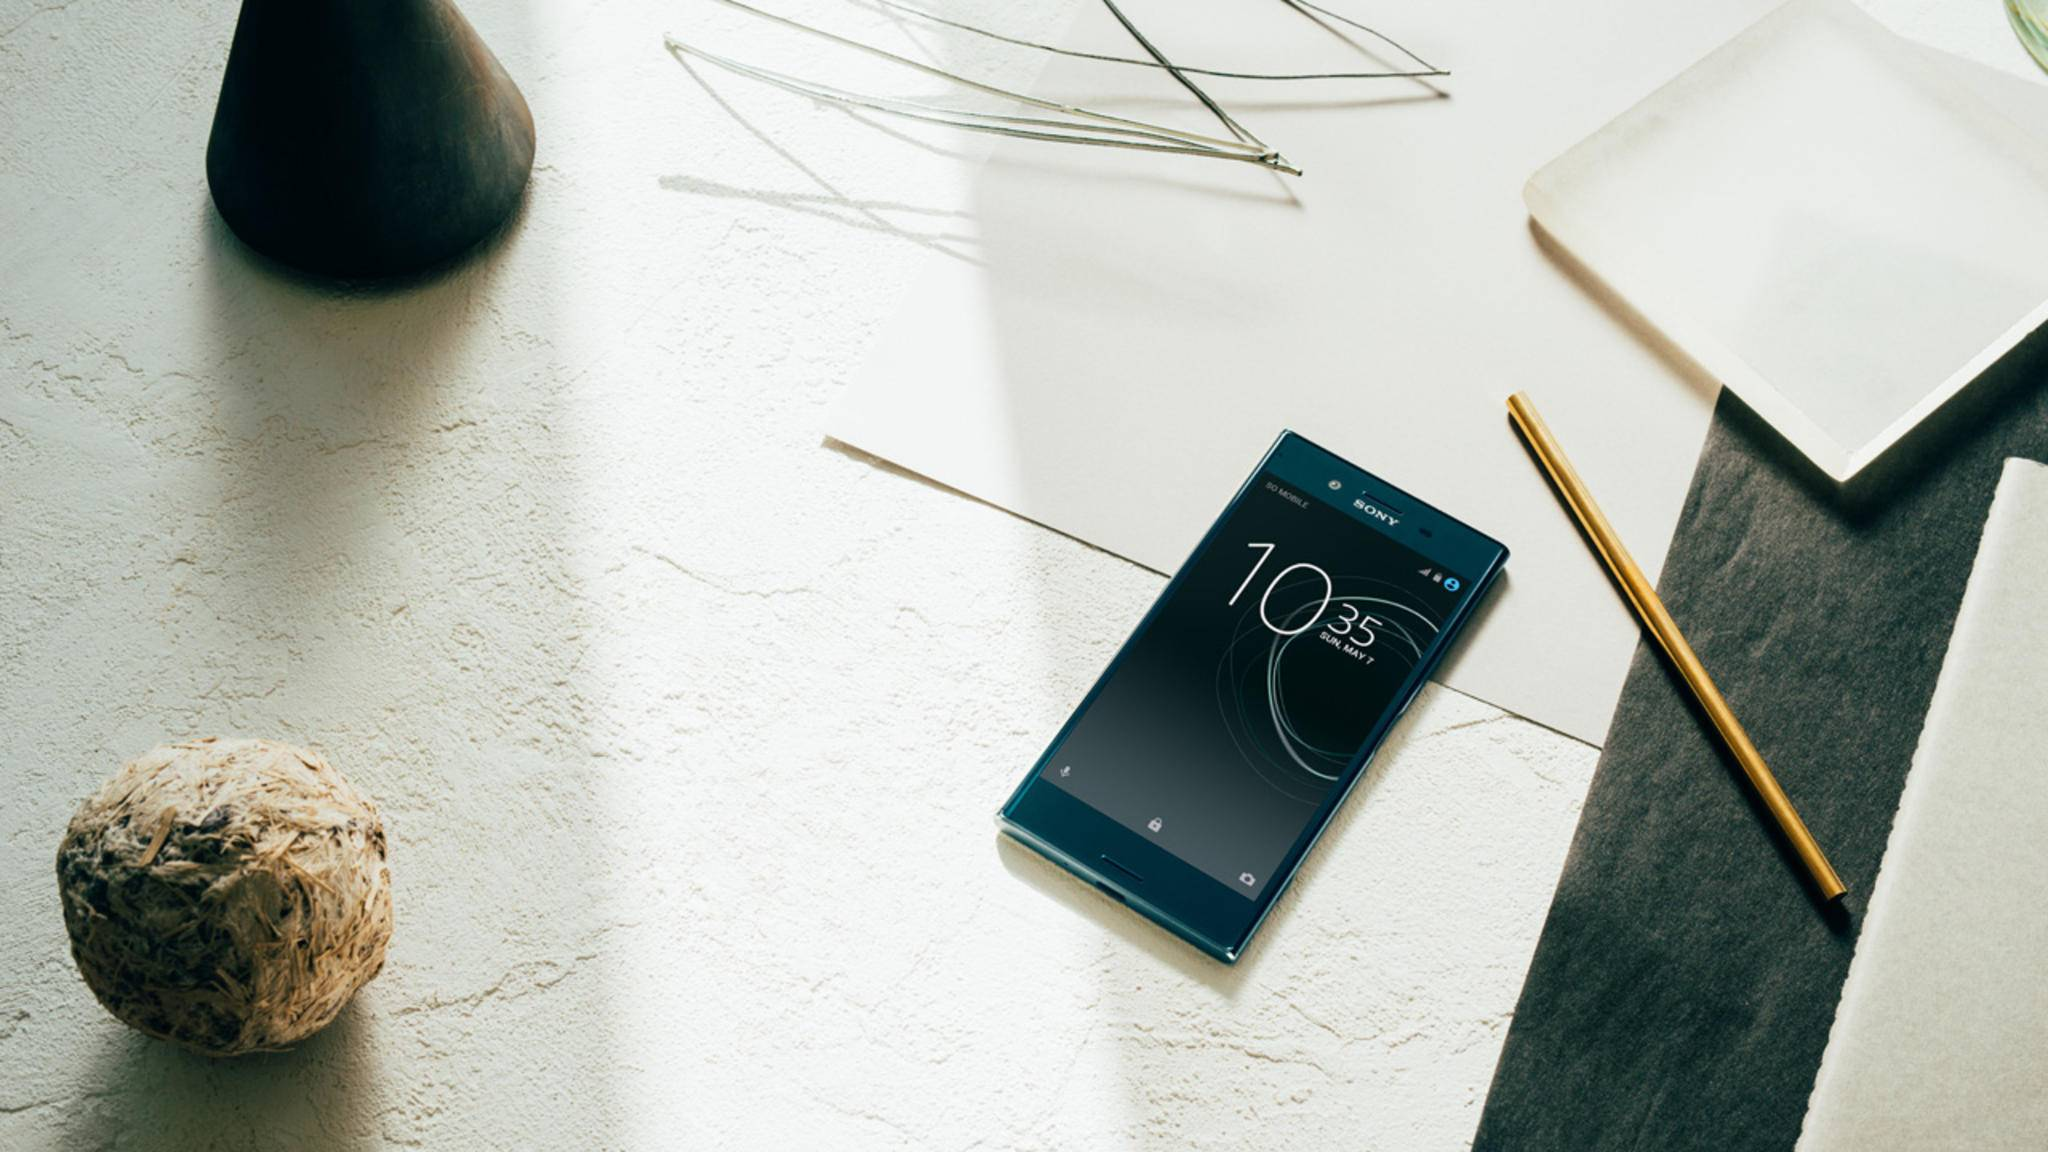 Das Sony Xperia XZ Premium wird noch mit Android Nougat ausgeliefert.